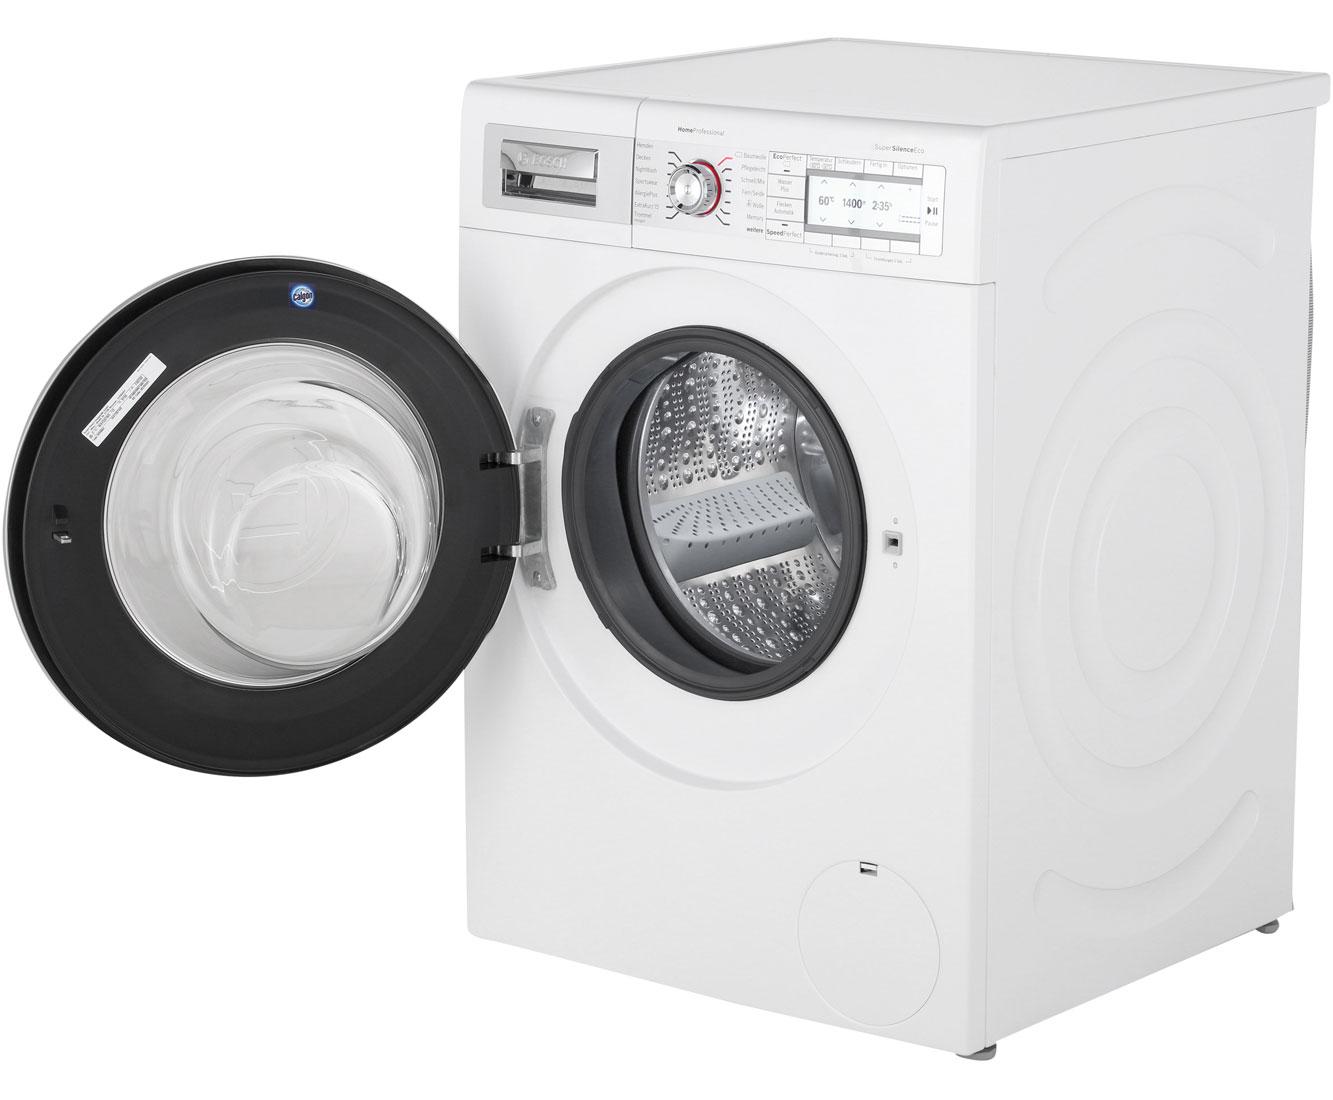 bosch way287w5 waschmaschine homeprofessional freistehend. Black Bedroom Furniture Sets. Home Design Ideas